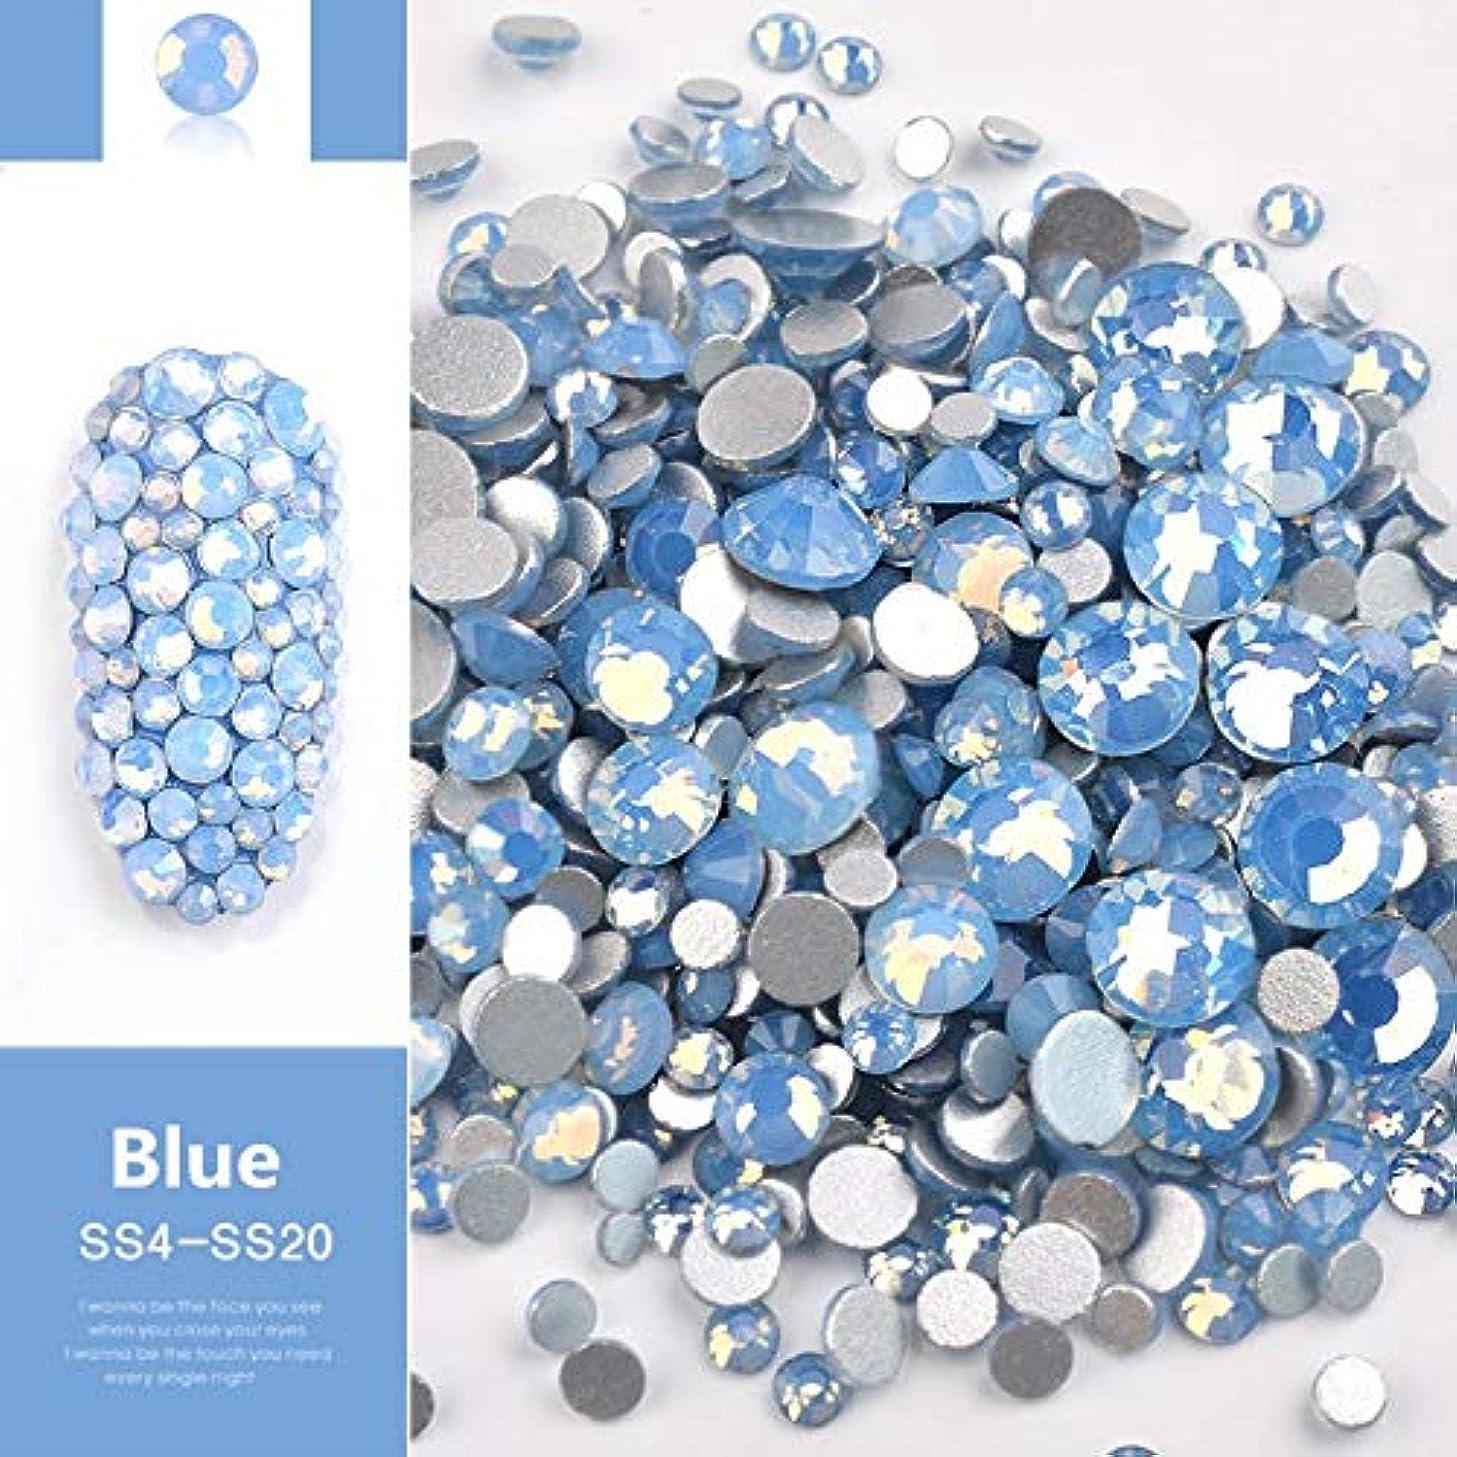 強化するマリン狂気Jiaoran ビーズ樹脂クリスタルラウンドネイルアートミックスフラットバックアクリルラインストーンミックスサイズ1.5-4.5 mm装飾用ネイル (Color : Blue)